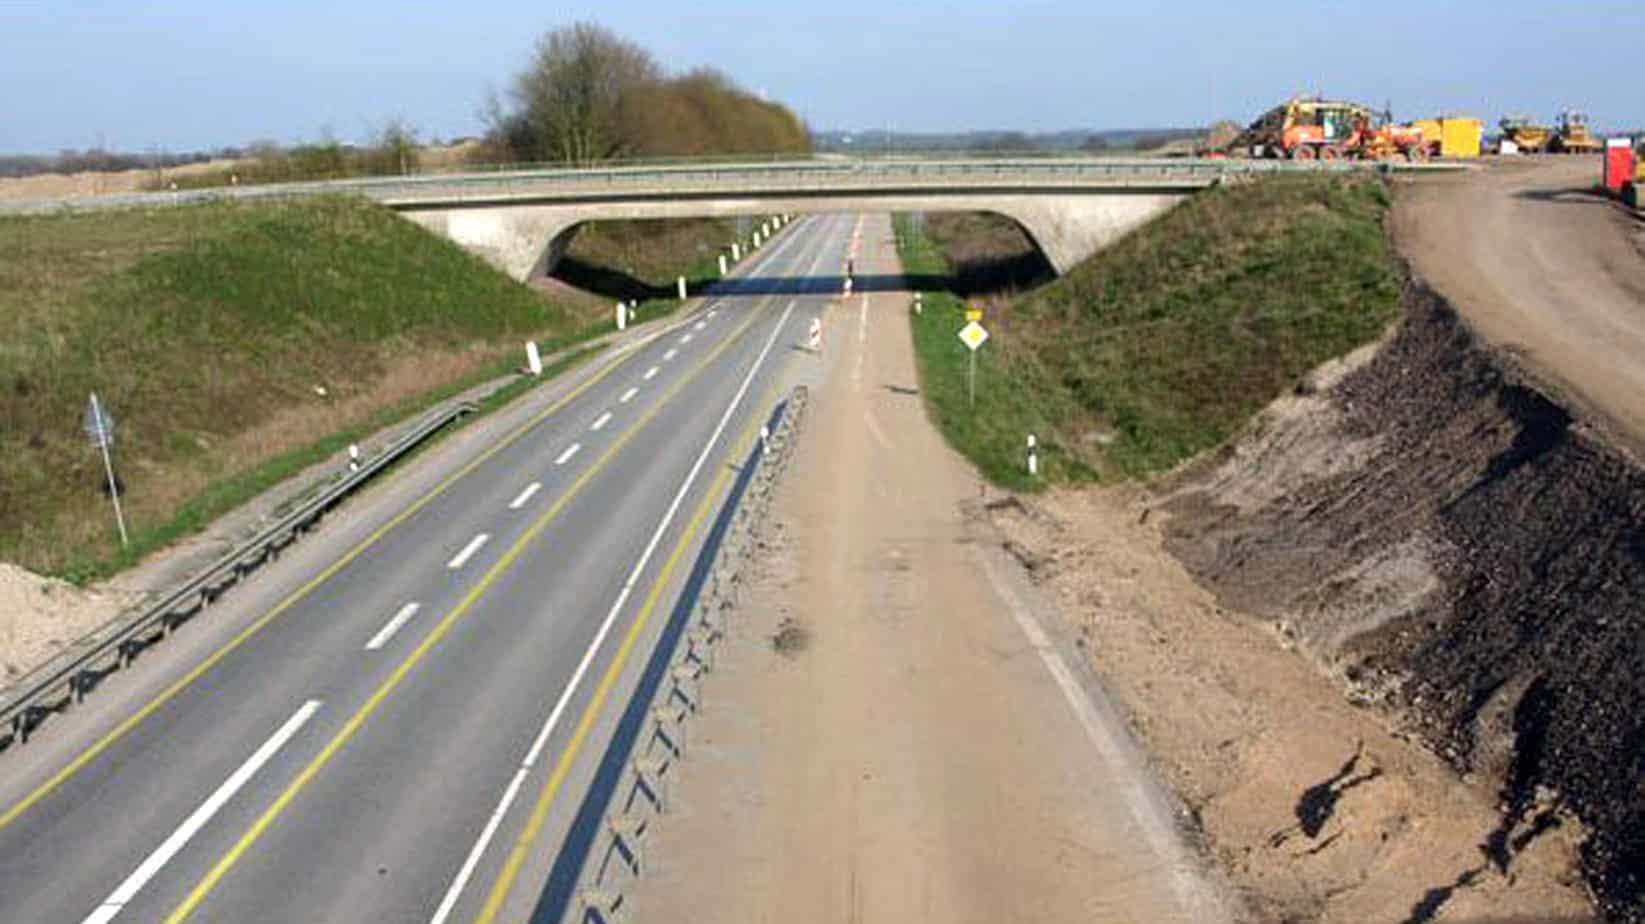 I lavori di adeguamento sulla A20 iniziati nell'anno 2008